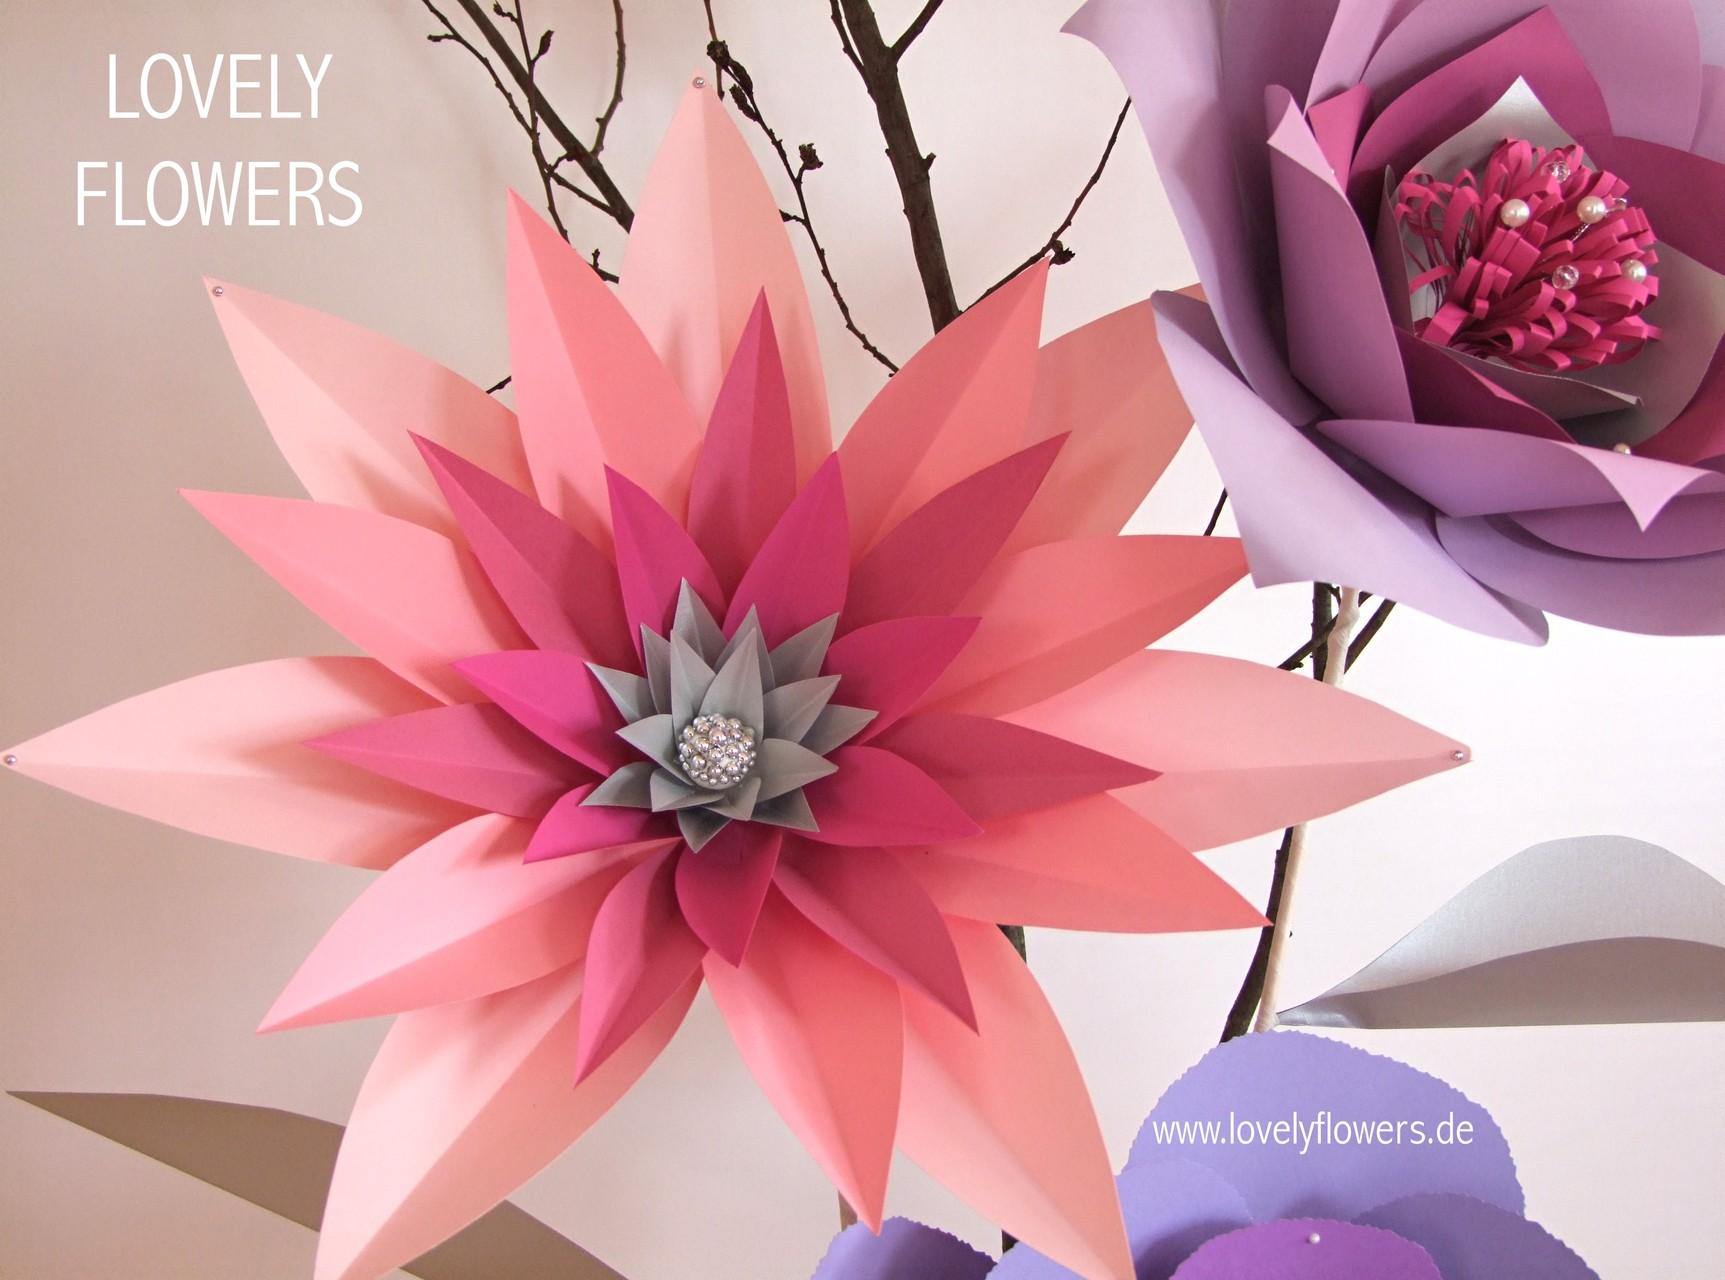 Paper-Art Großblüte von www.lovelyflowers.de für Großvasendekorationen und 10 Stehtischdekoration des weißen Saals der Residenz zu Salzburg/Österreich